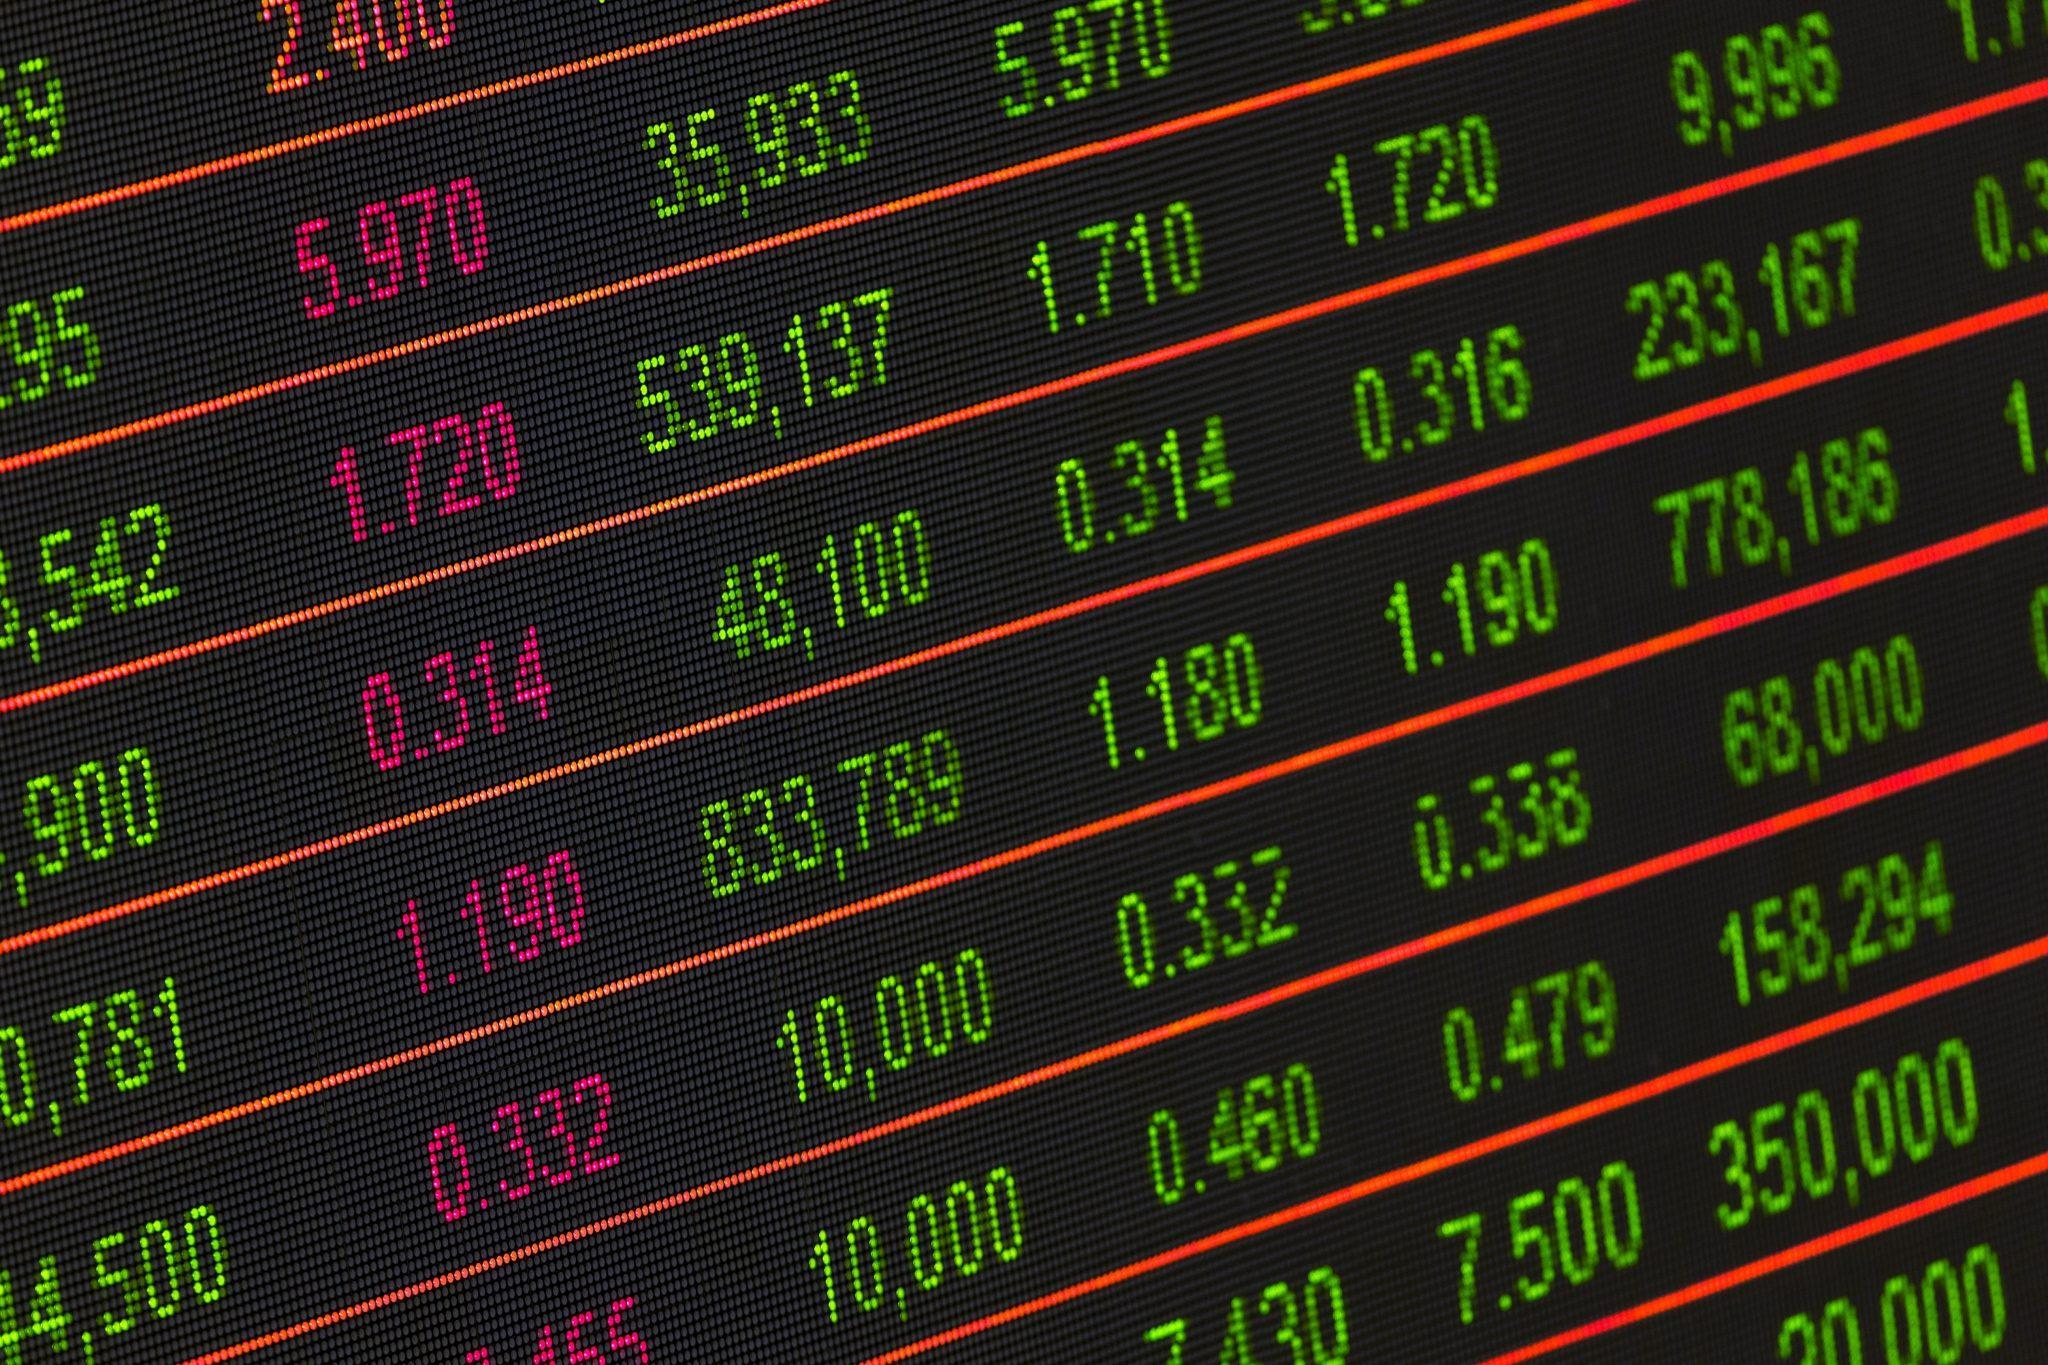 bináris kereskedelem bináris opciós stratégiák a tnkorswm-ben